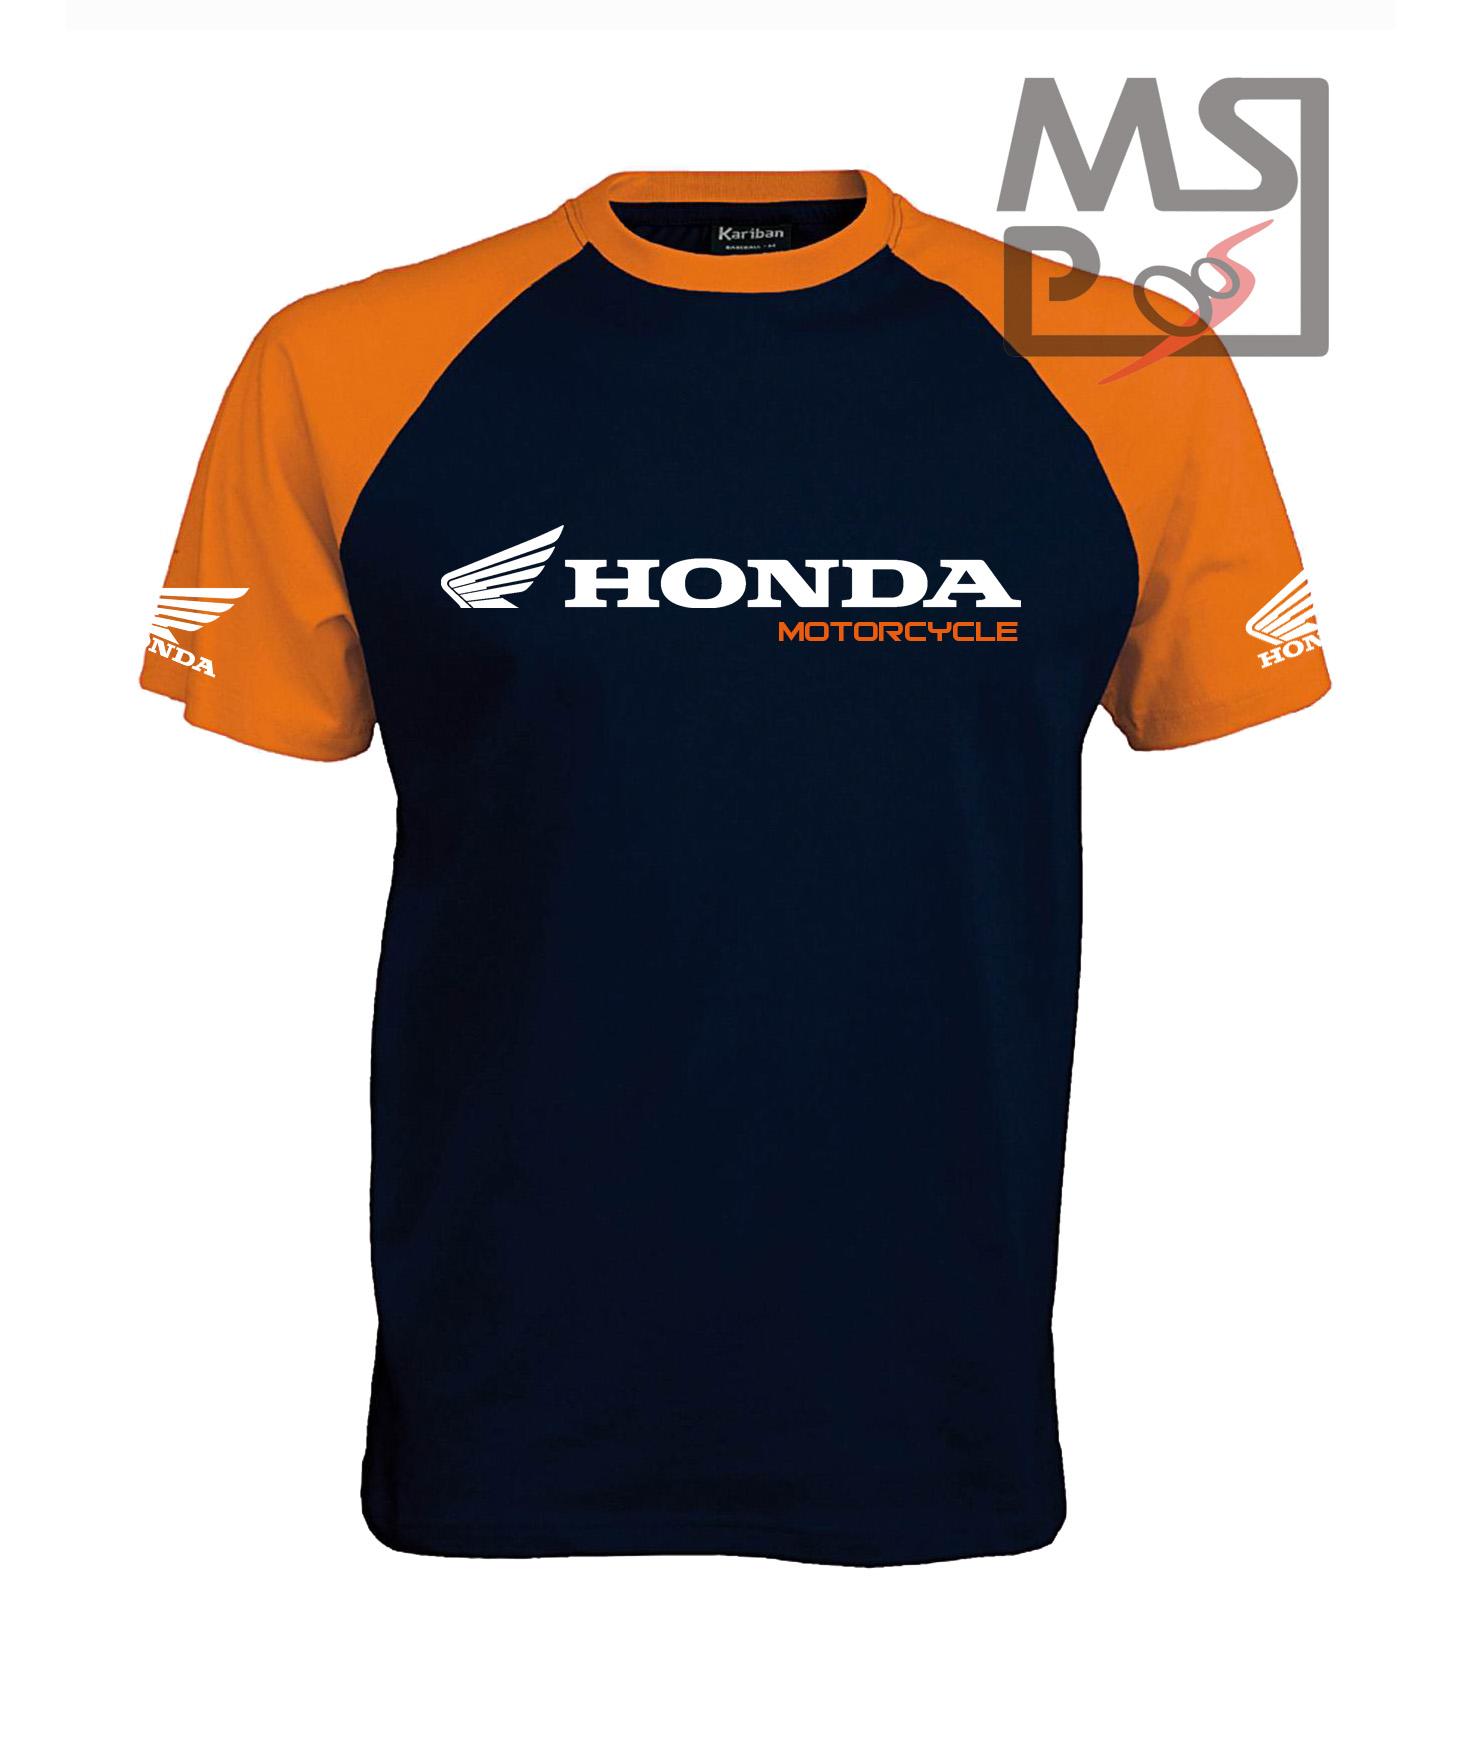 Pánske tričko s motívom Honda 02